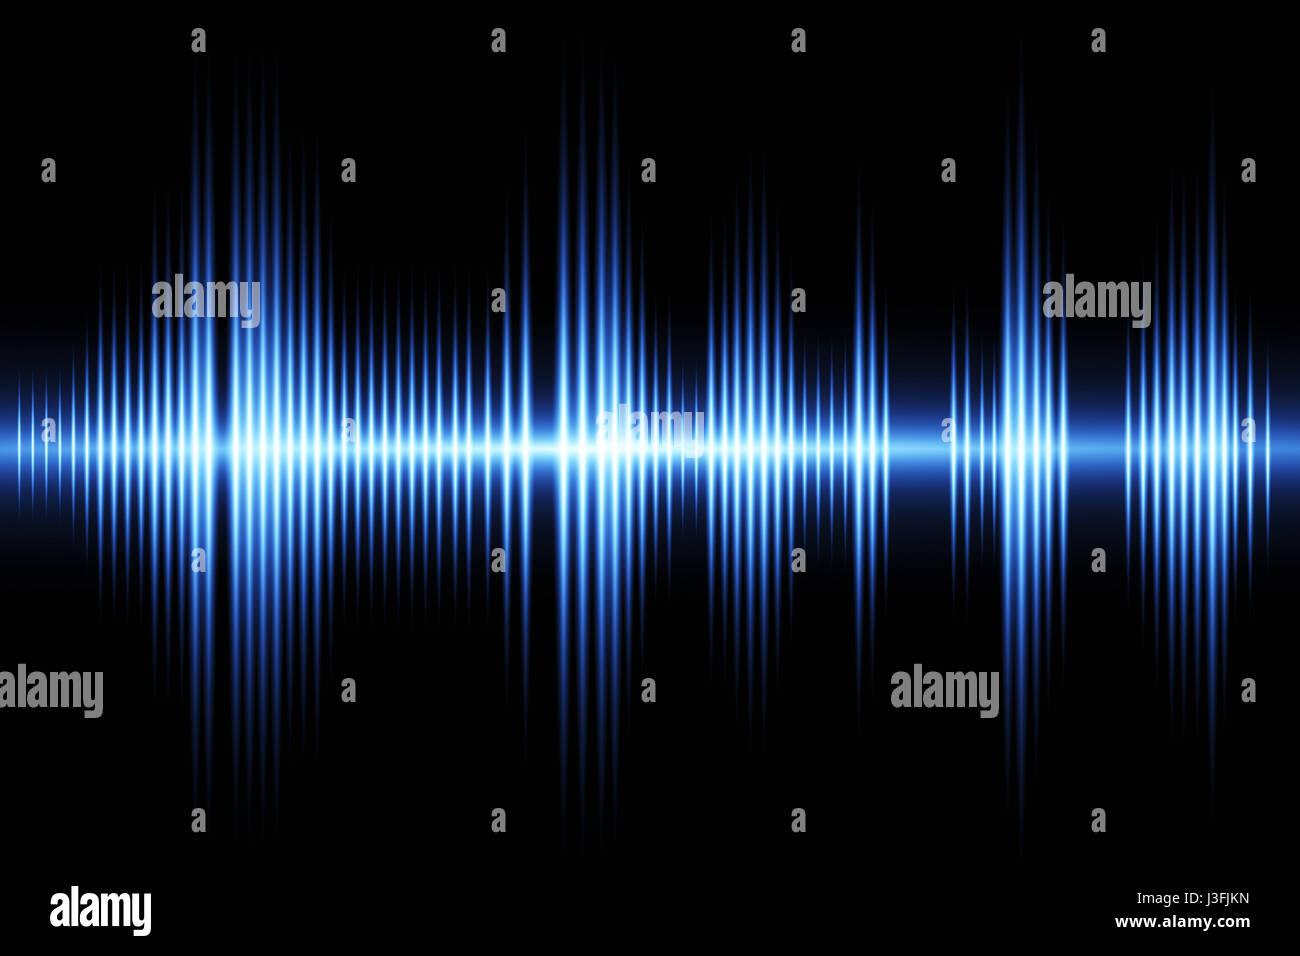 Equalizzatore onda sonora tema sfondo Immagini Stock